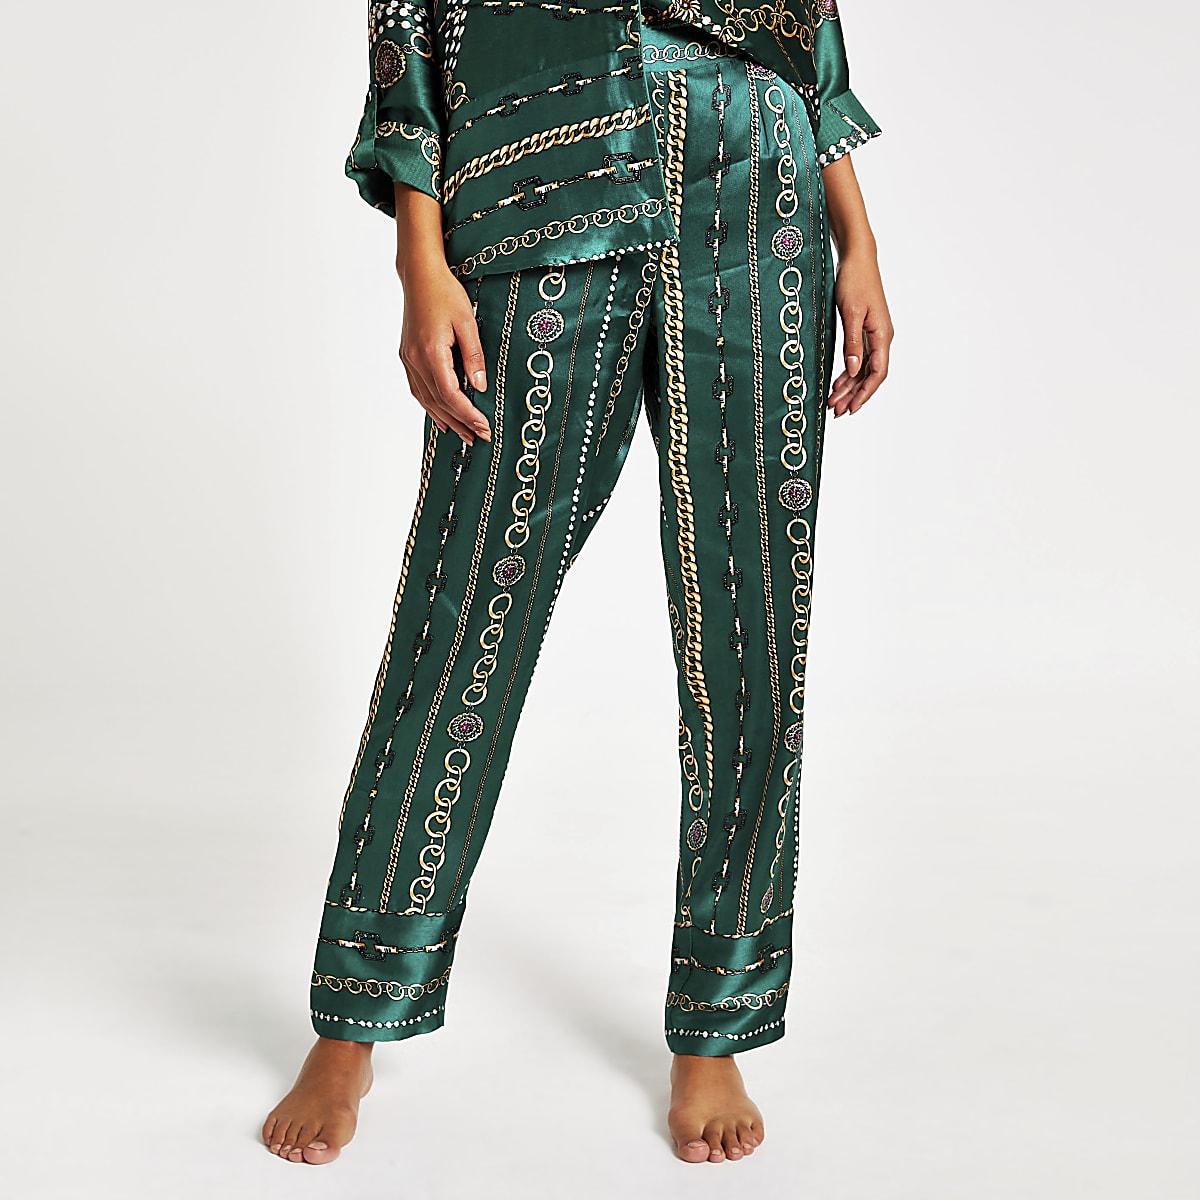 Green printed satin twinning pyjama trousers